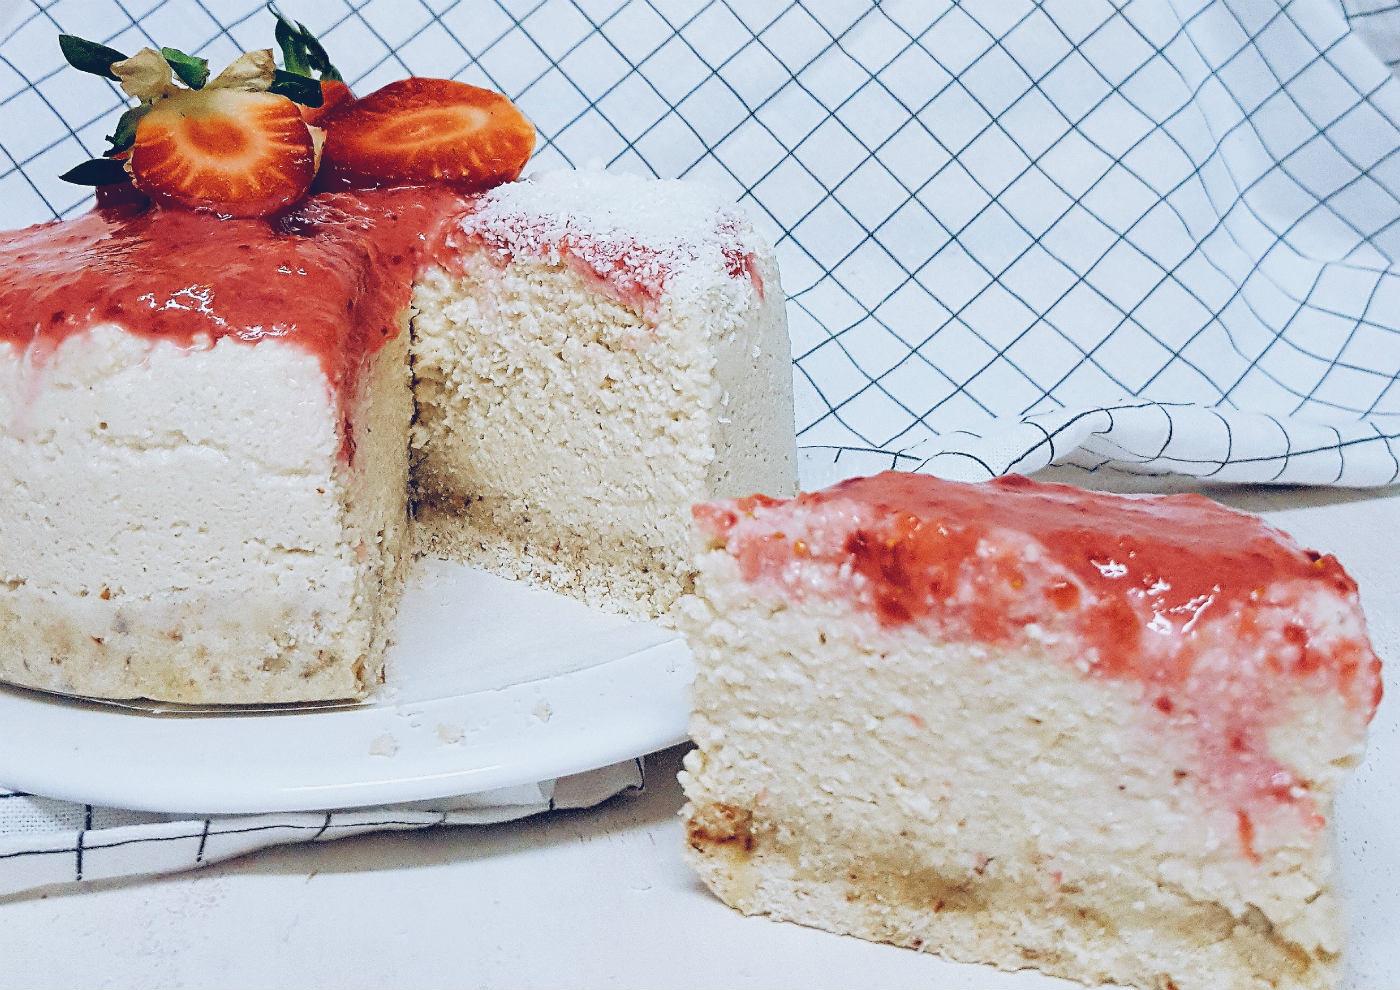 Receta de cheesecake vegano con anacardos